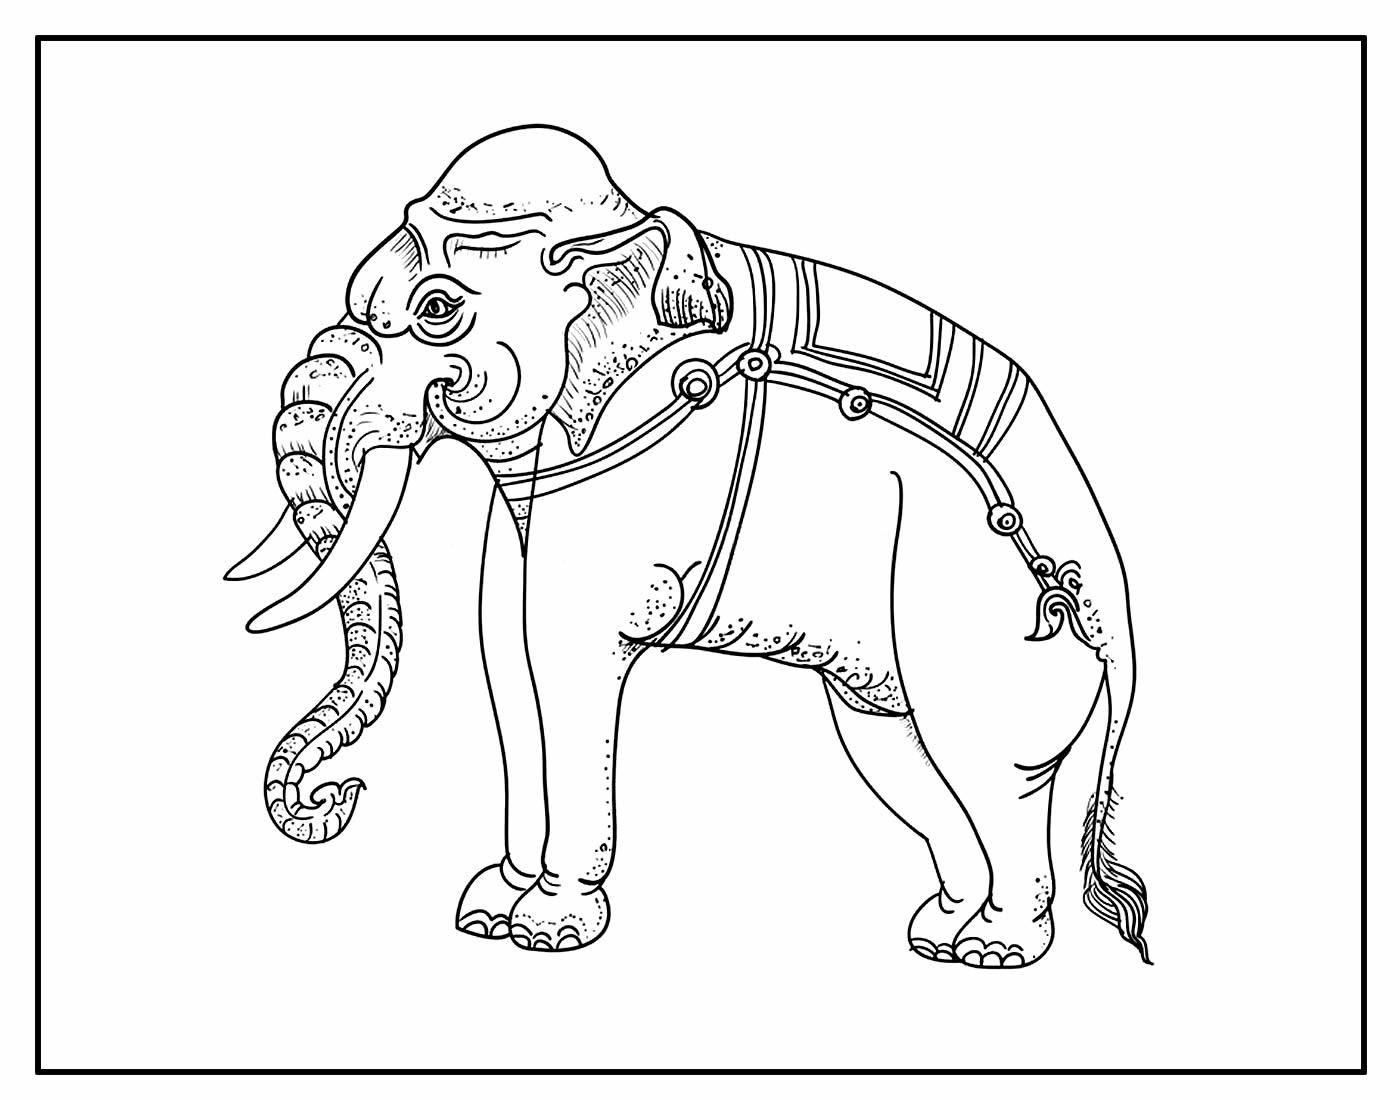 Desenho para pintar de Elefante Indiano